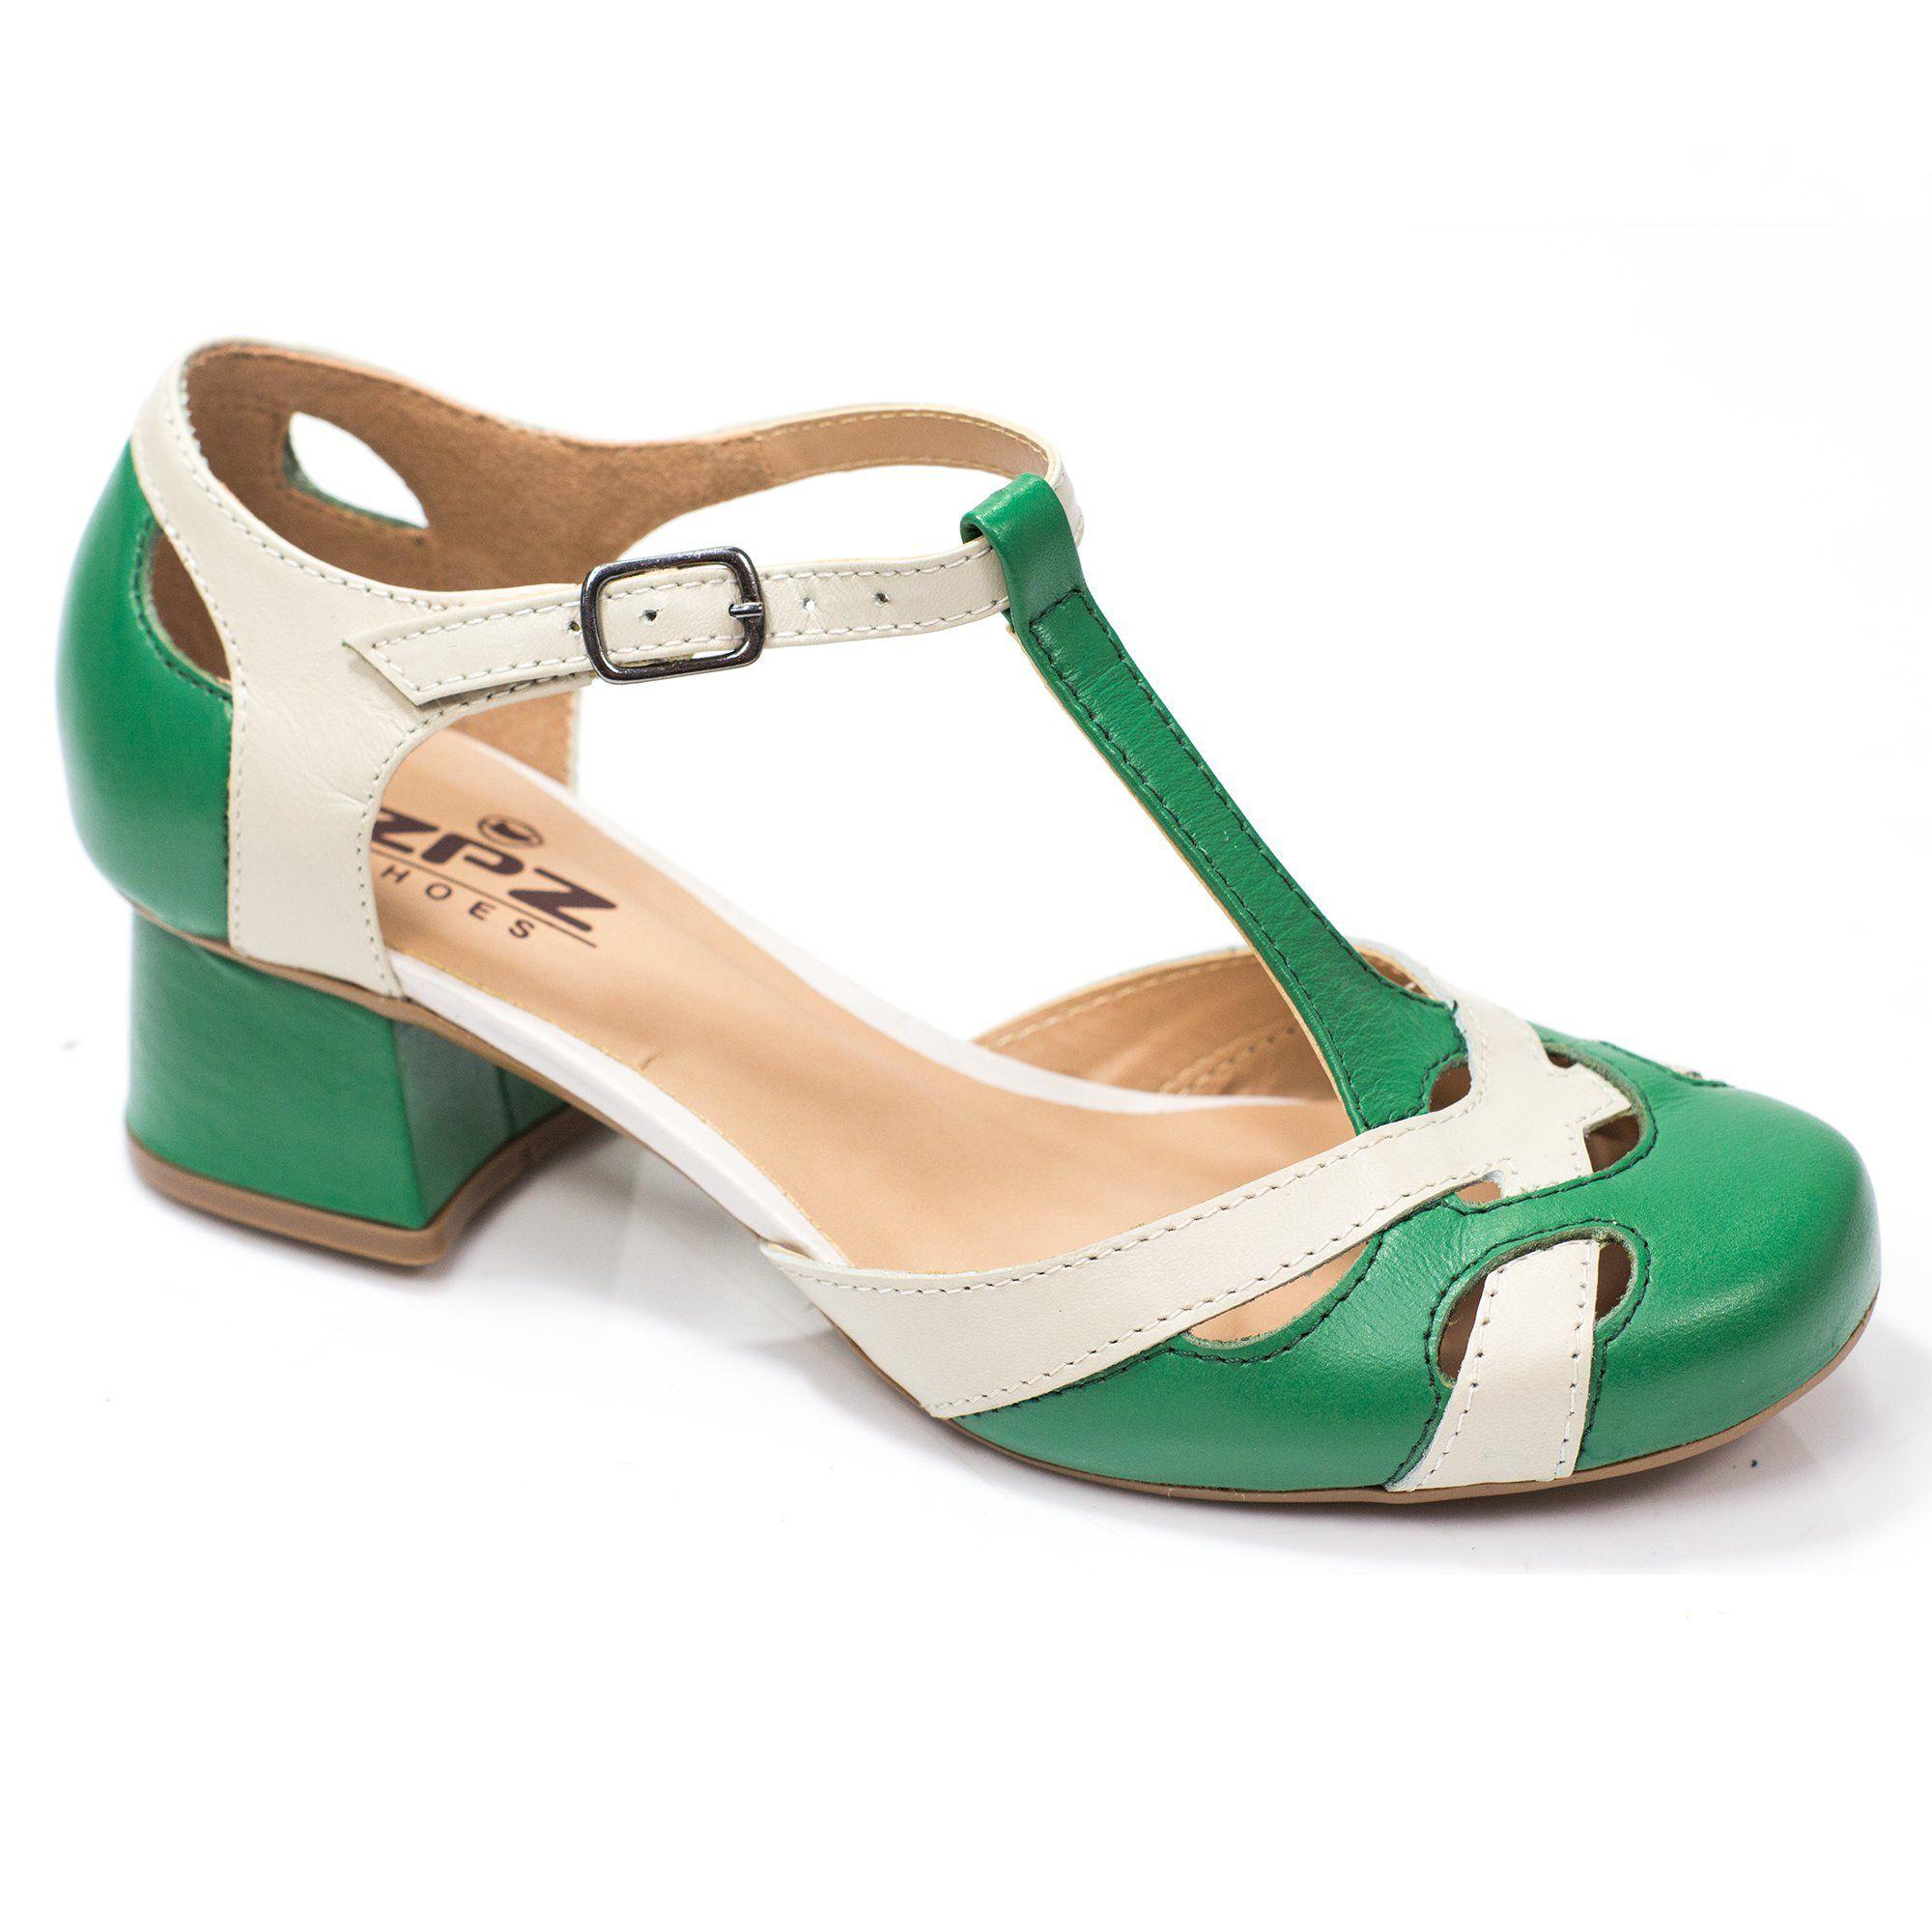 Sapato Boneca Retrô em couro Vitore